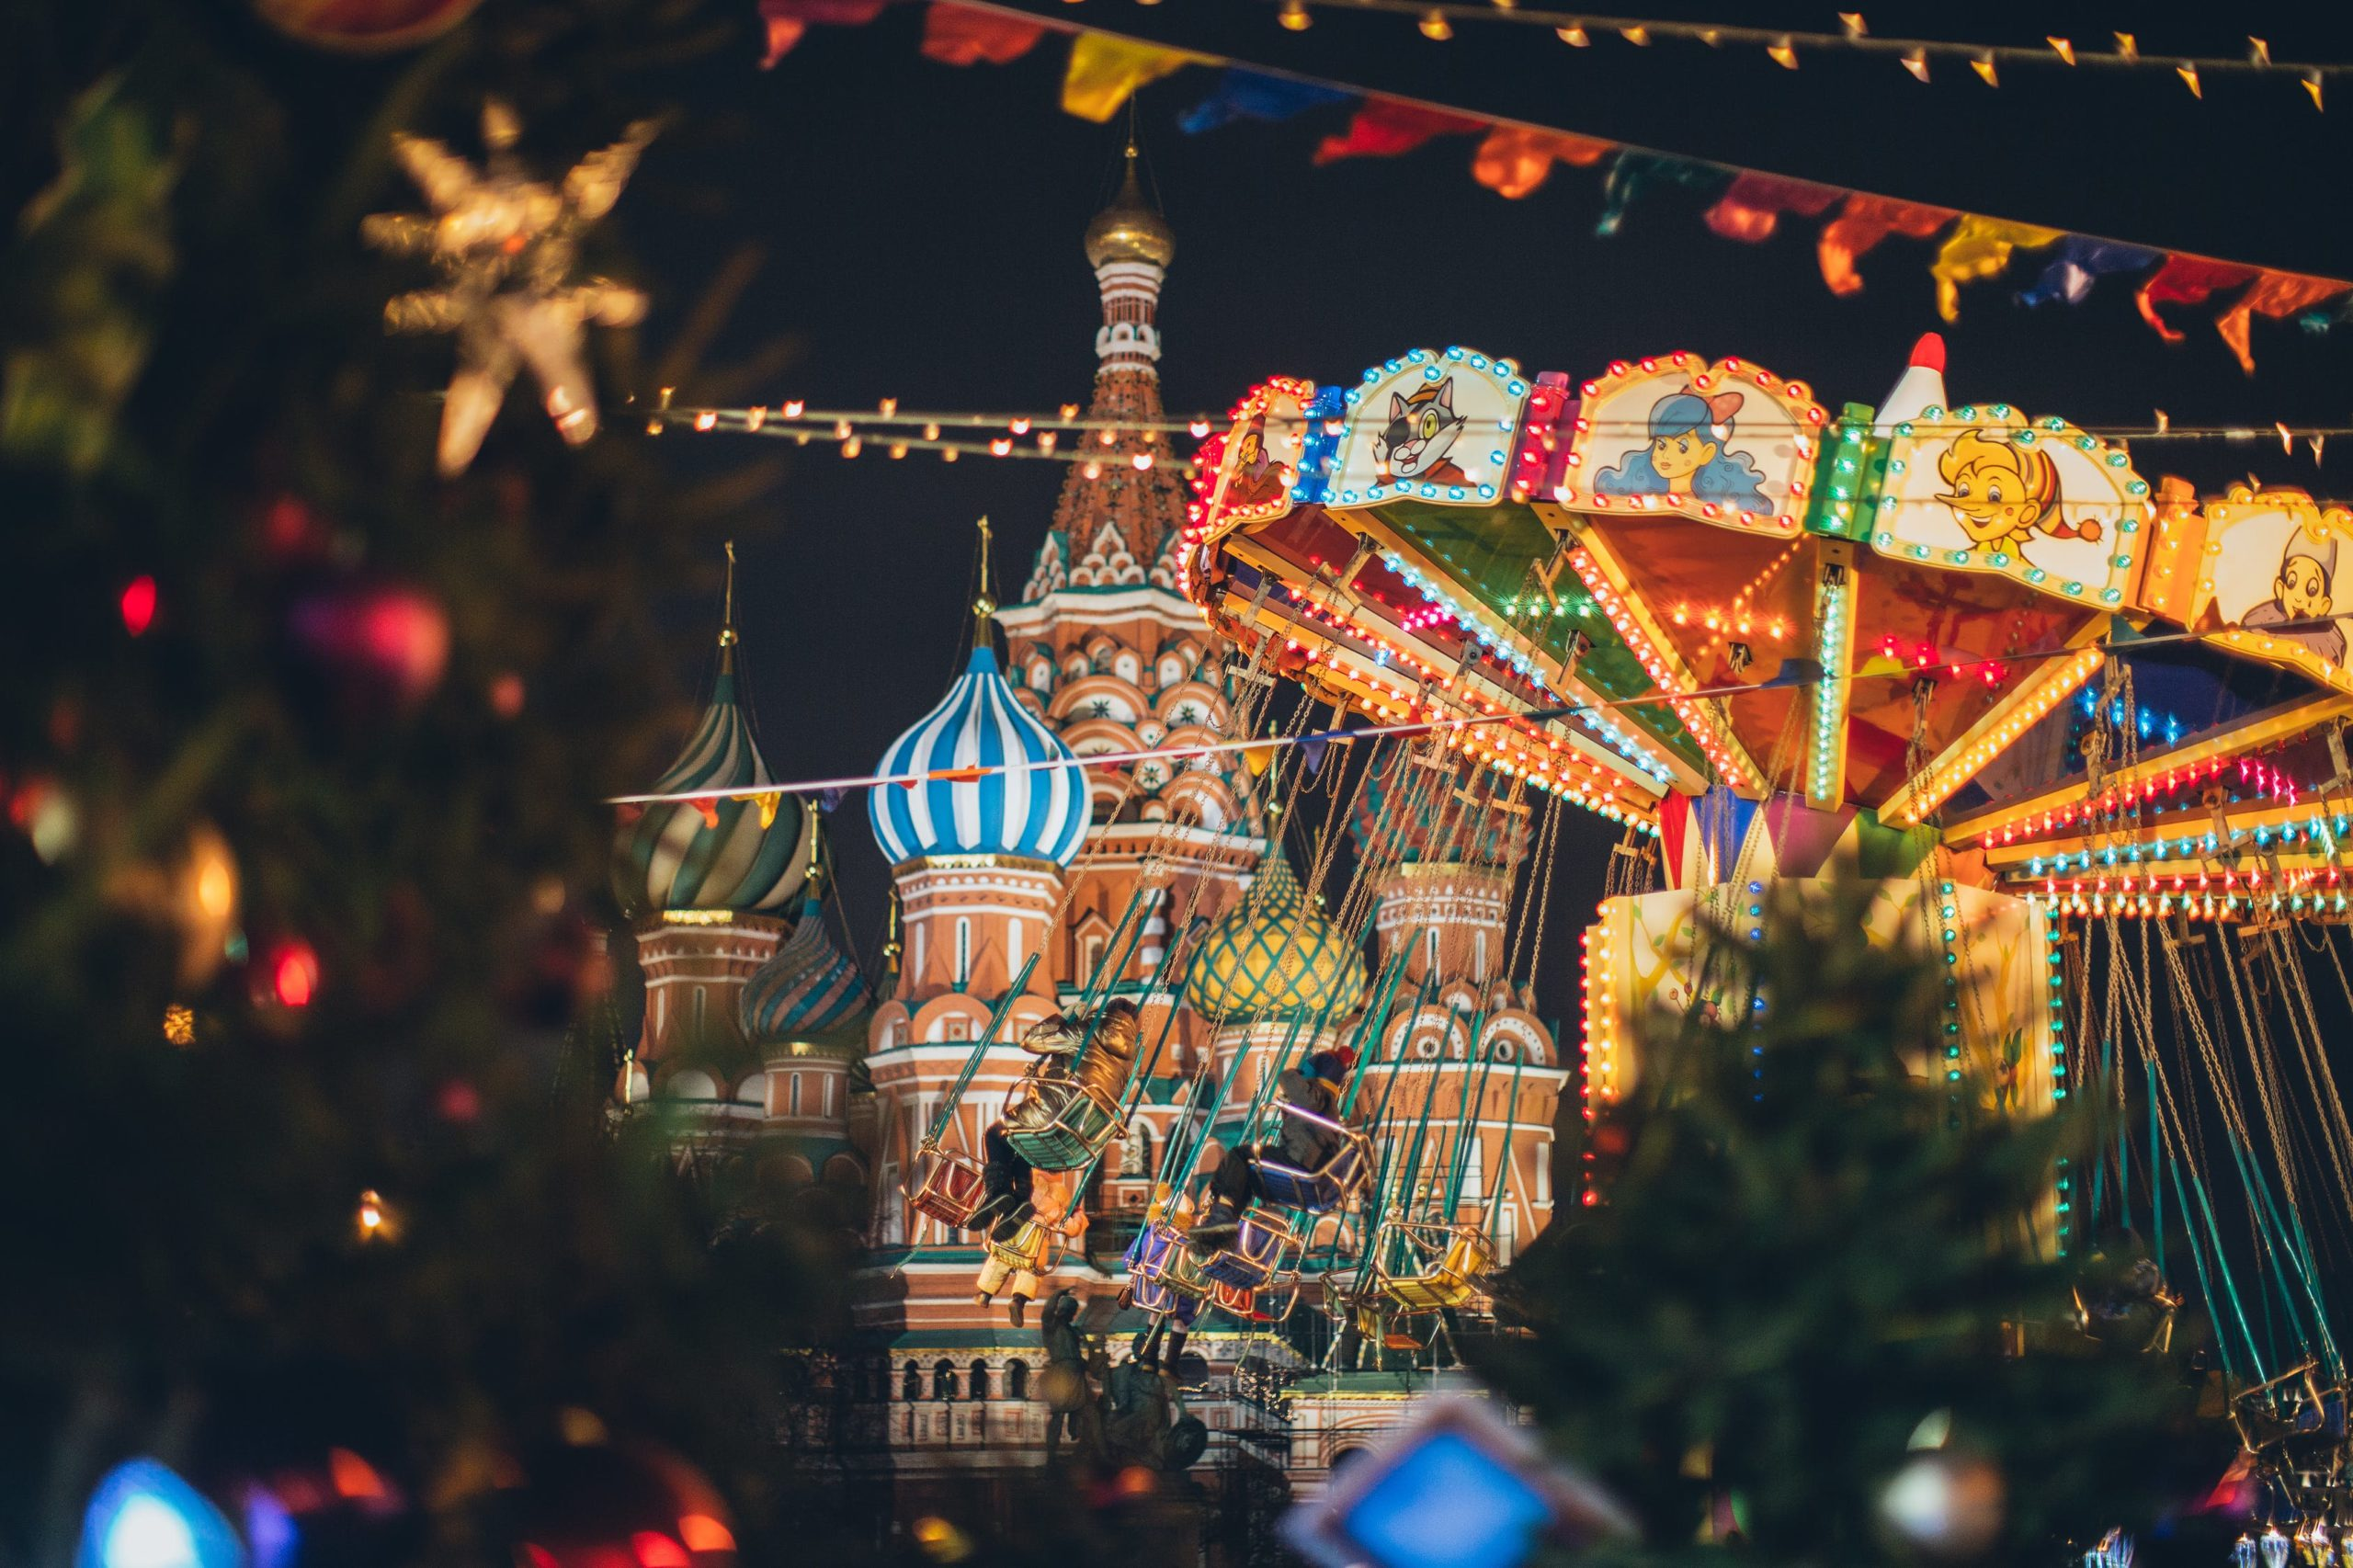 Comunicare con i russi a Natale: quando, come e dove farlo in ottica cross-cultural!